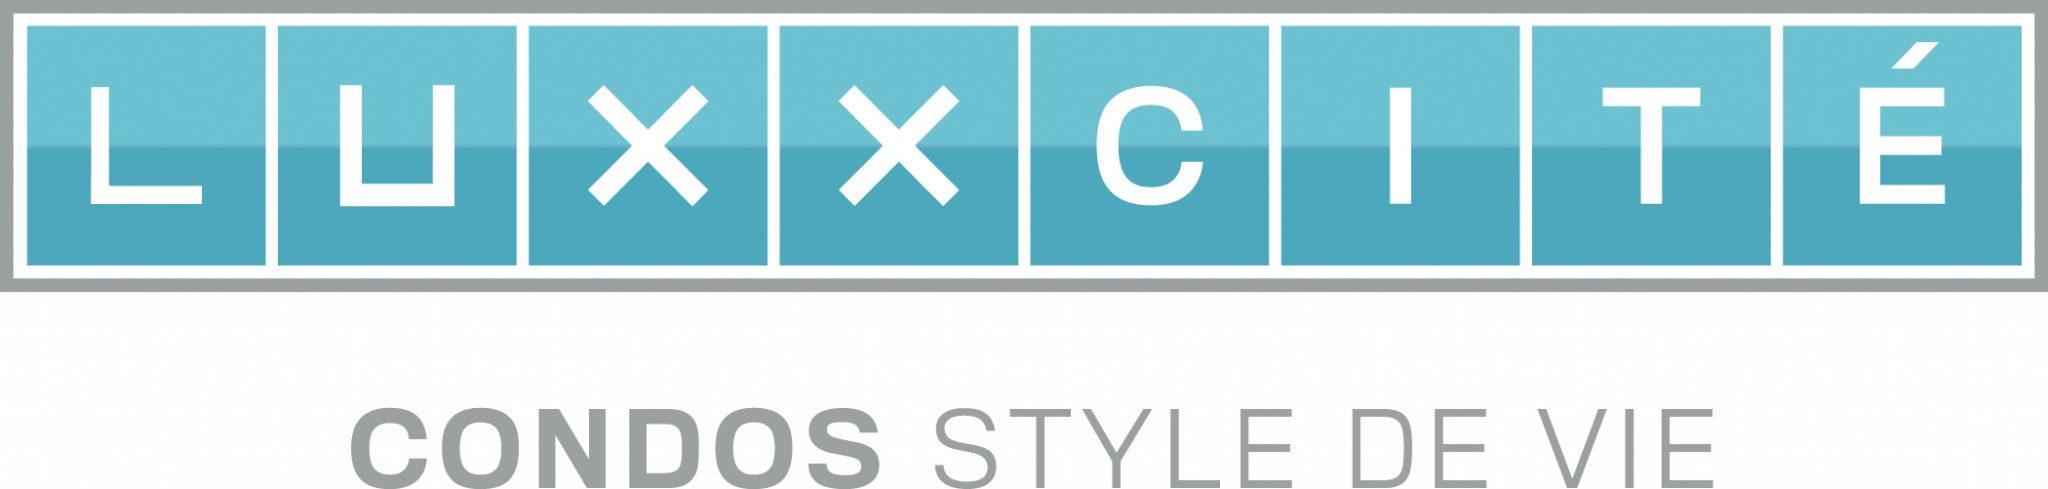 logo_luxxcite_rgb